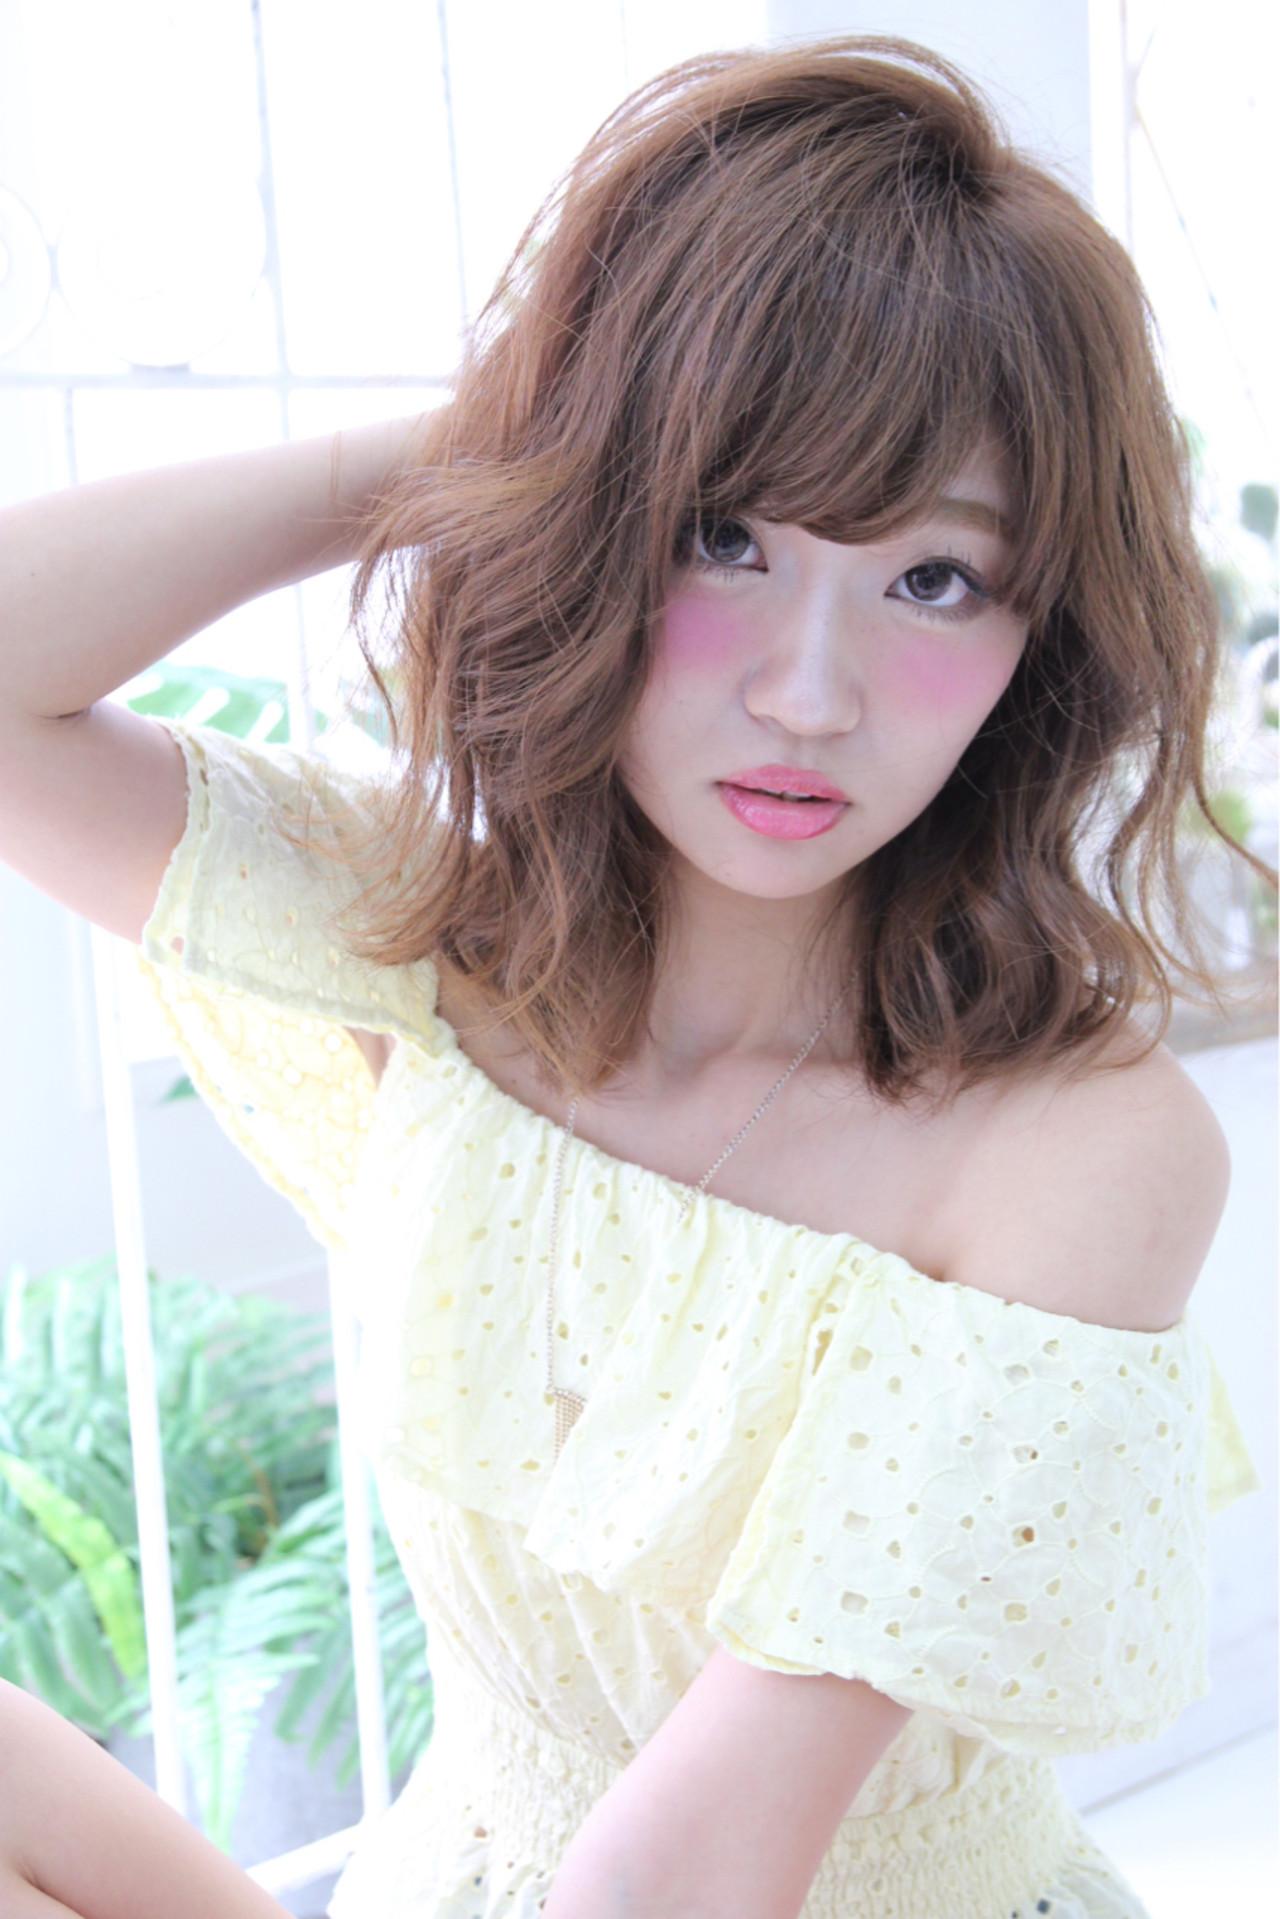 パーマ ミディアム ピュア 前髪あり ヘアスタイルや髪型の写真・画像